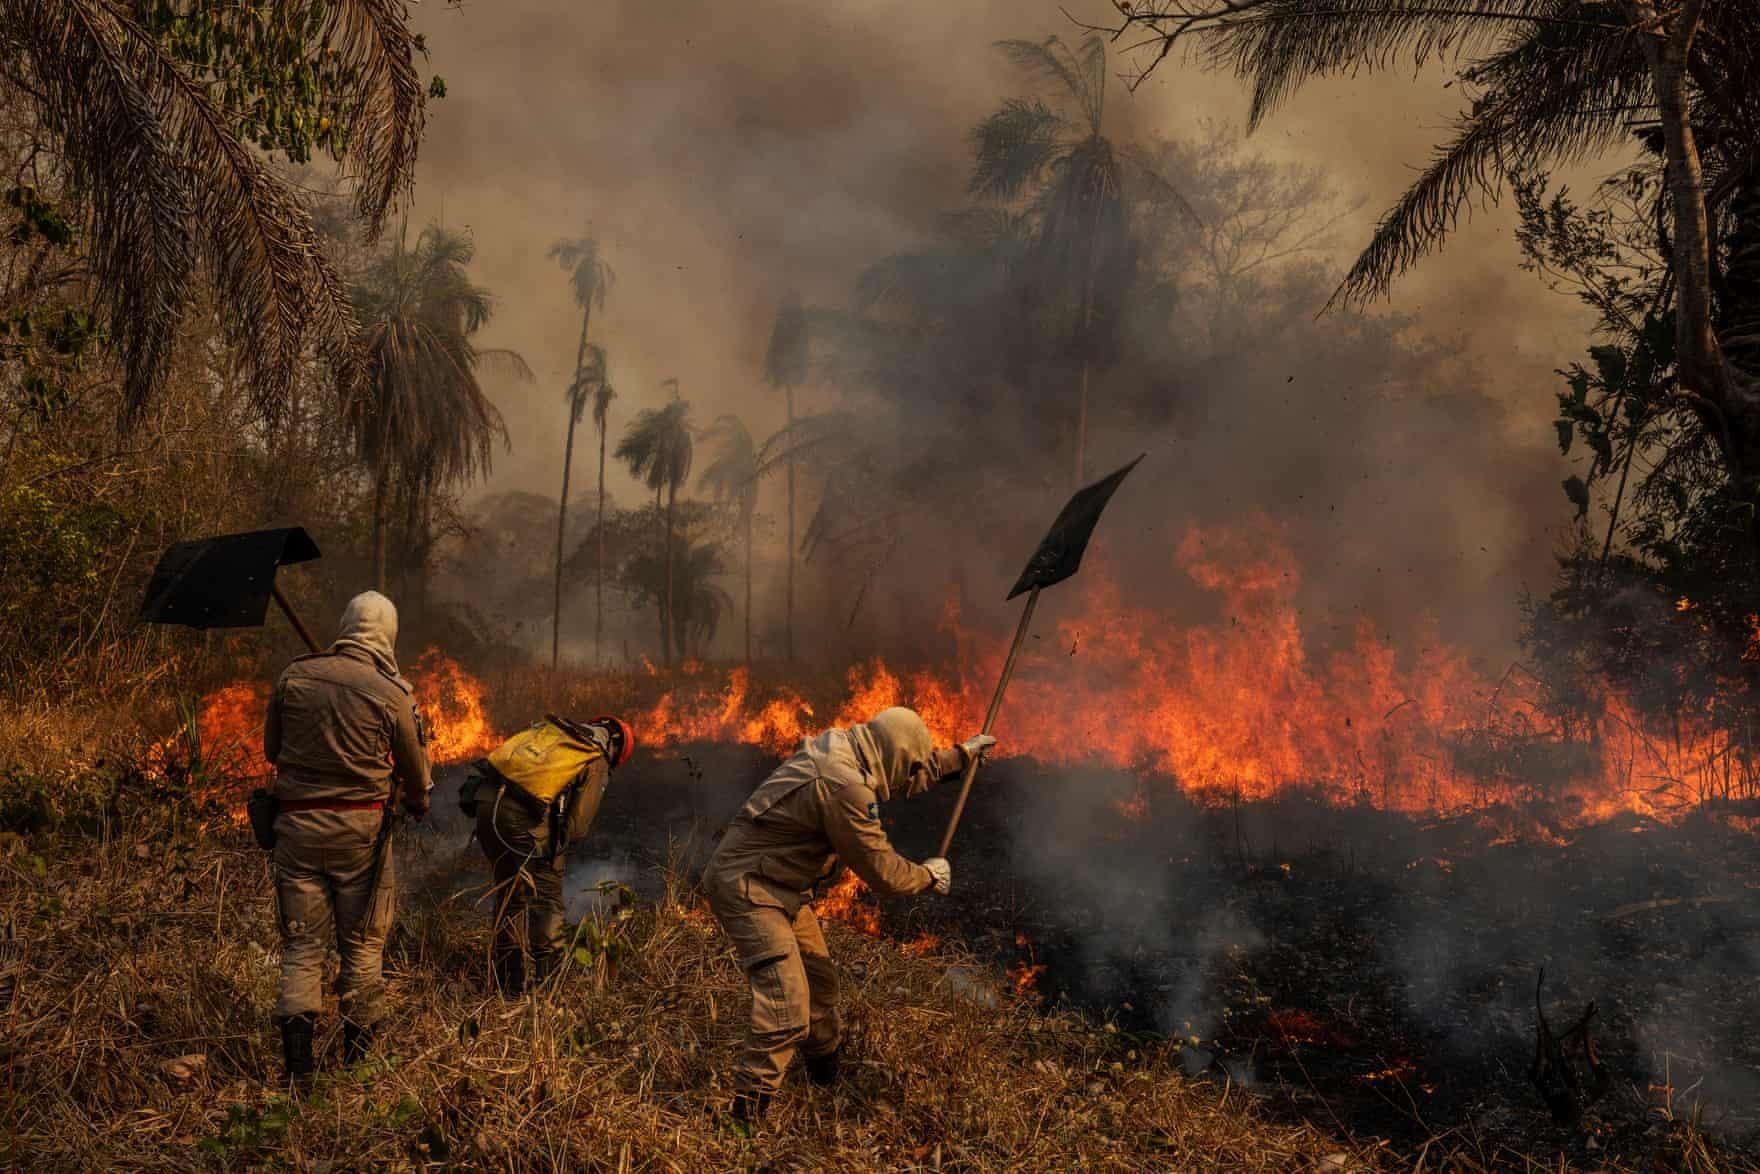 Lính cứu hỏa dập lửa tại trang trại Sao Francisco de Perigara, nơi sinh sống của một trong những quần thể vẹt đuôi dài Hyacinth (Anodorhynchus hyacinthinus) lớn nhất ở Brazil ngày 14/8/2020. Khoảng 92% diện tích trang trại, phần lớn được bảo tồn, đã bị ngọn lửa thiêu rụi.